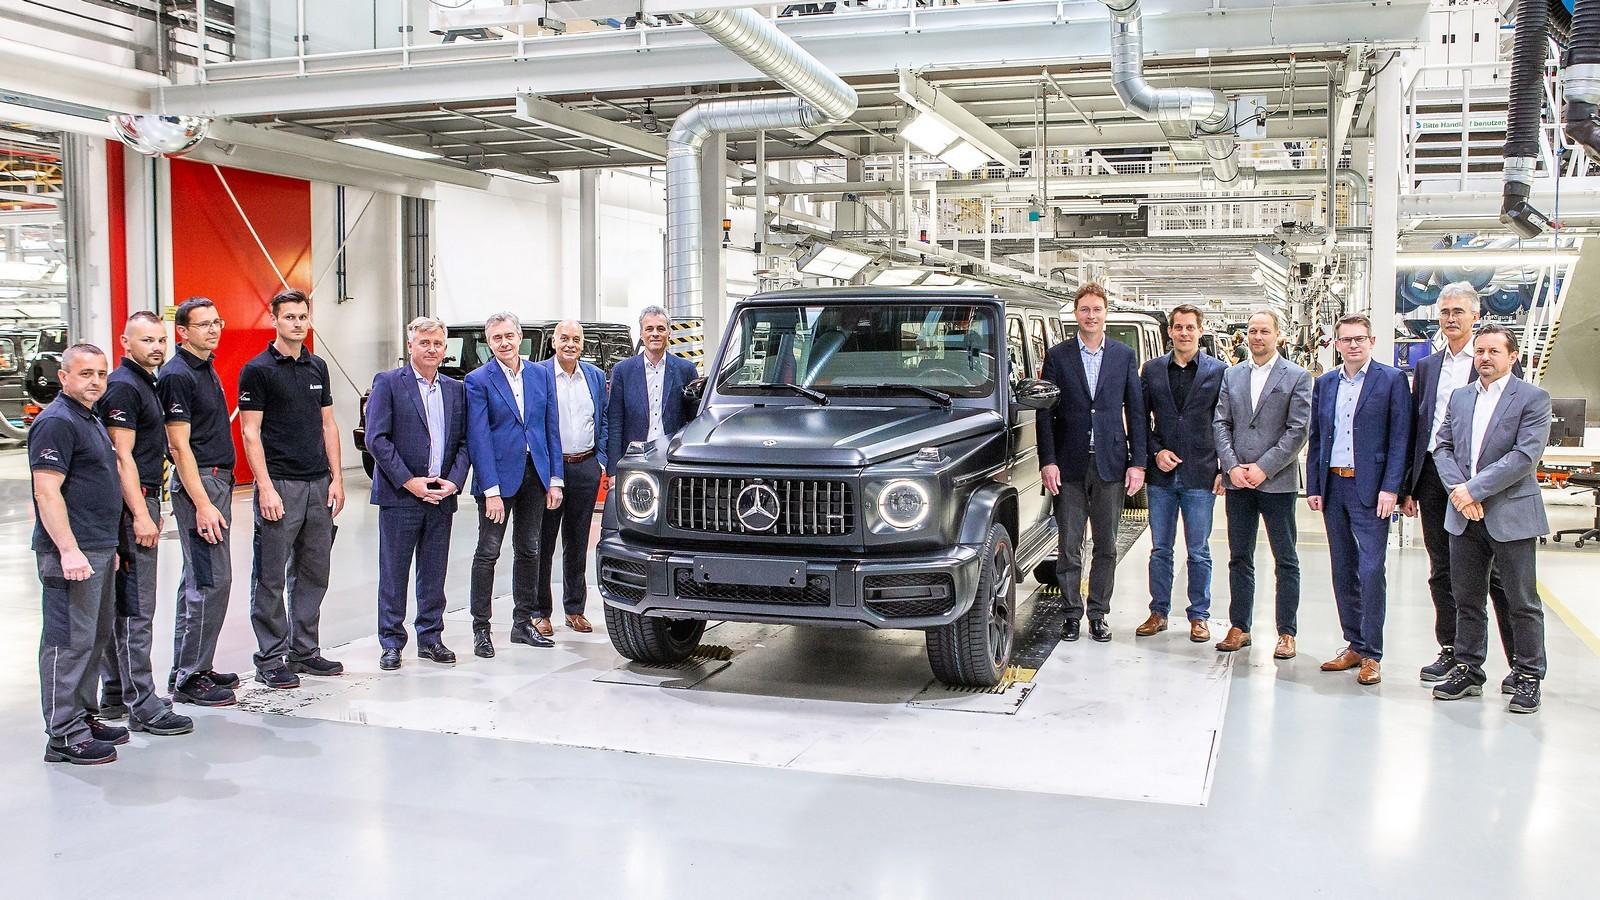 Produktionsstart der neuen Mercedes-Benz G-Klasse in Graz